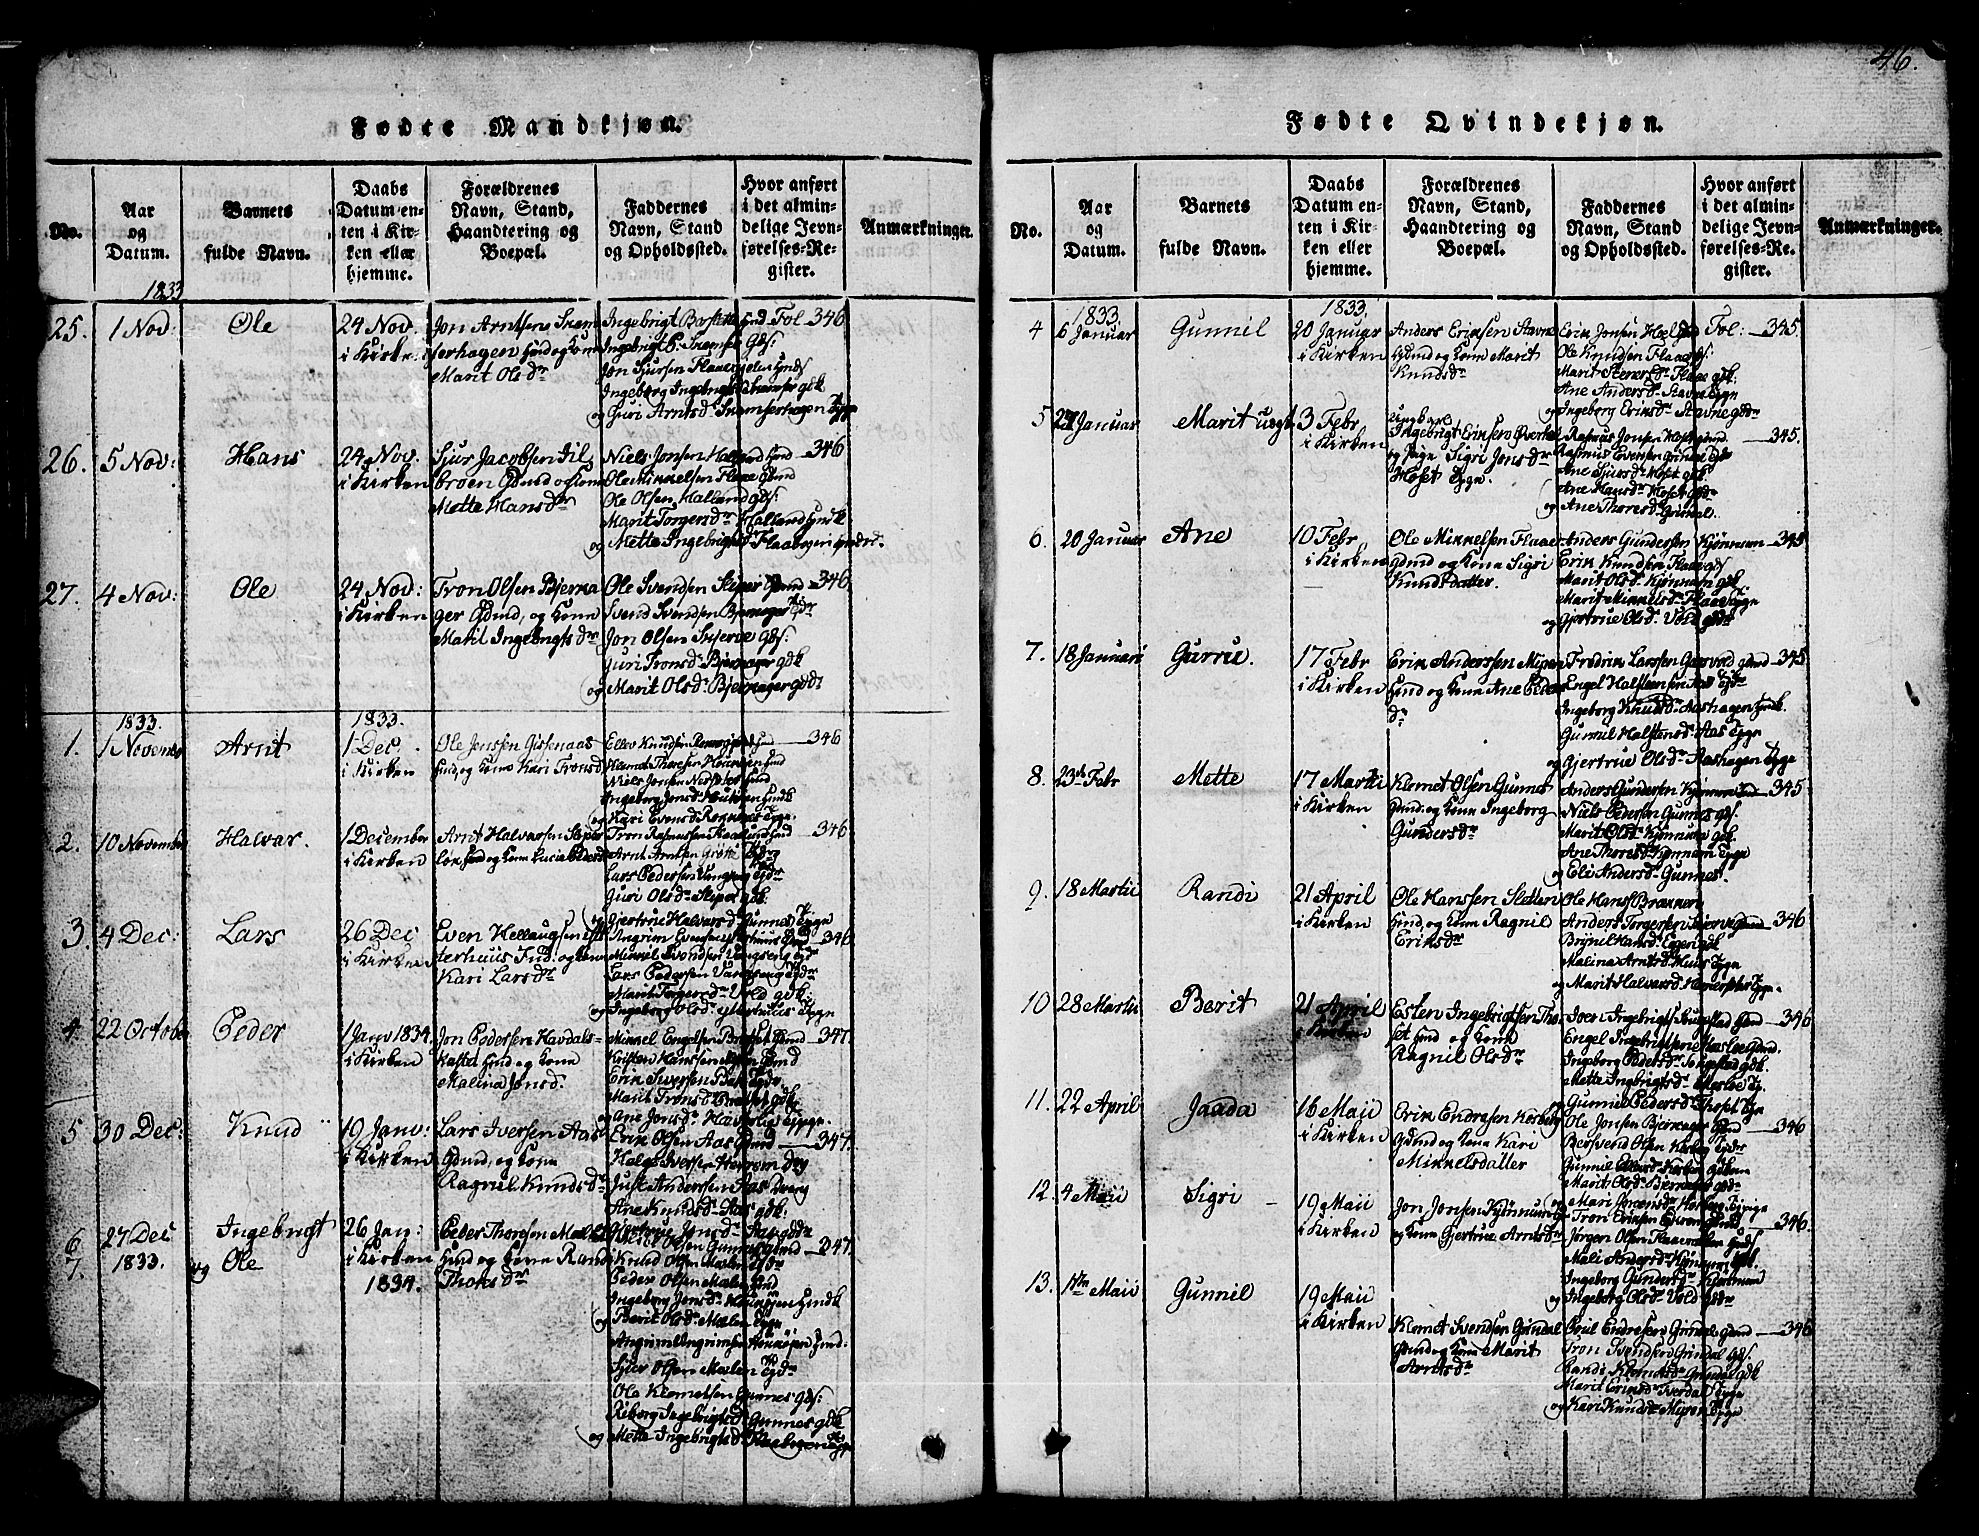 SAT, Ministerialprotokoller, klokkerbøker og fødselsregistre - Sør-Trøndelag, 674/L0874: Klokkerbok nr. 674C01, 1816-1860, s. 46